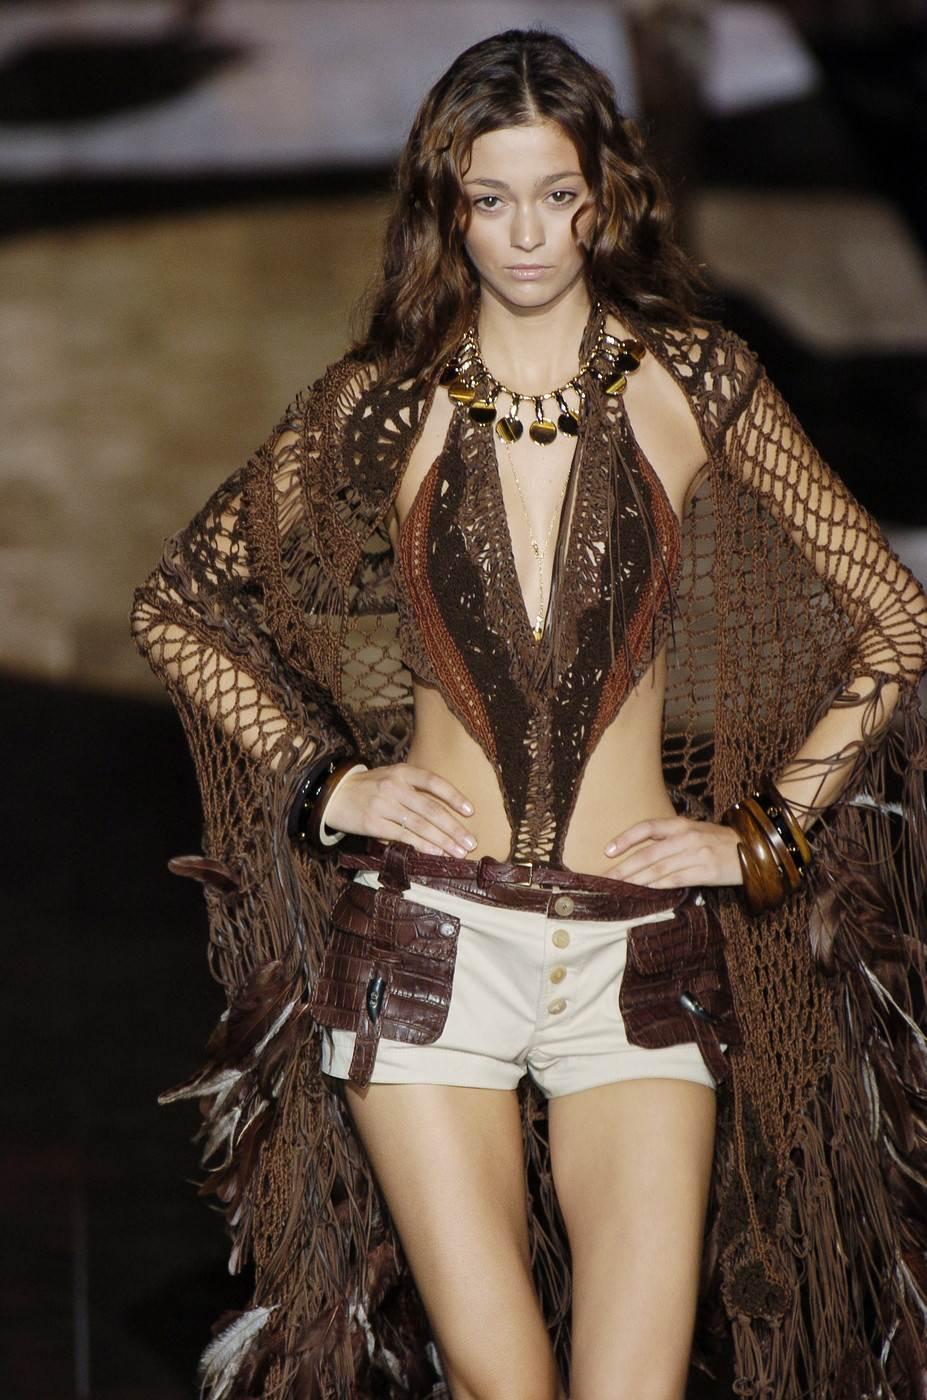 【外人】30歳過ぎてるロリ顔のフランス人モデルのモルガン・デュブレ(Morgane Dubled)のポルノ画像 23100